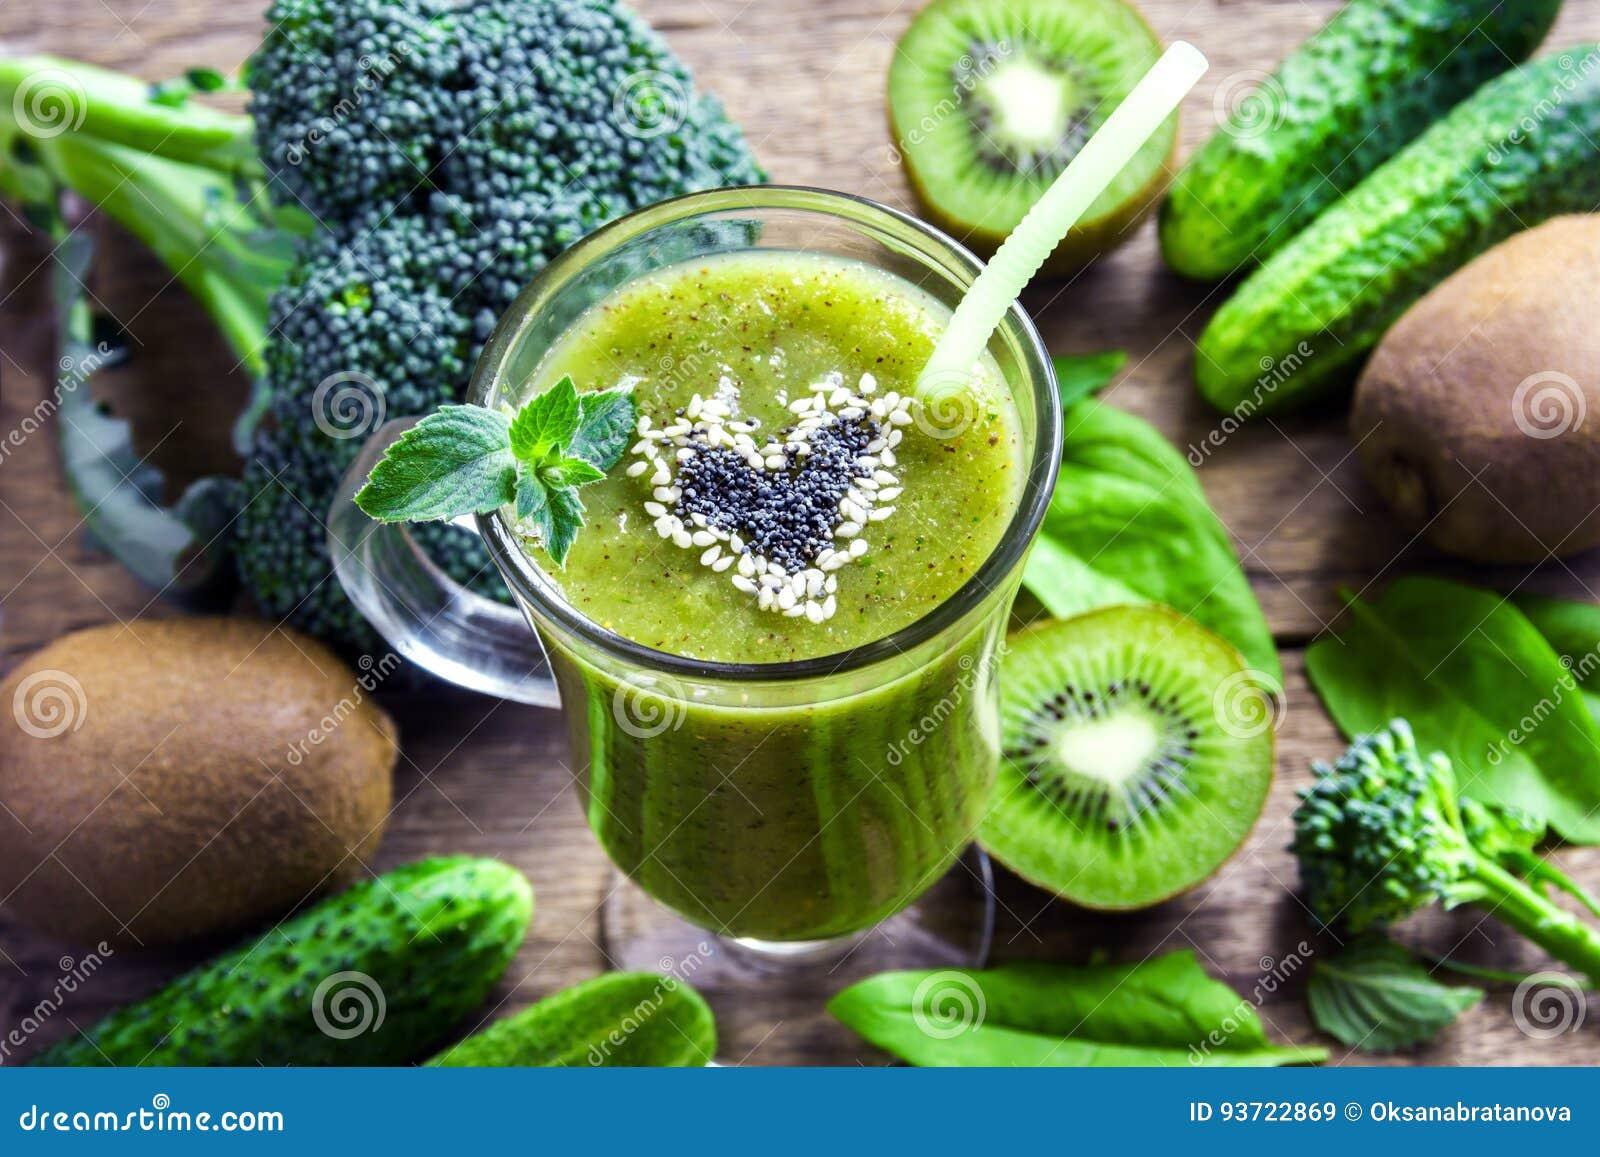 Smoothie vegetal verde